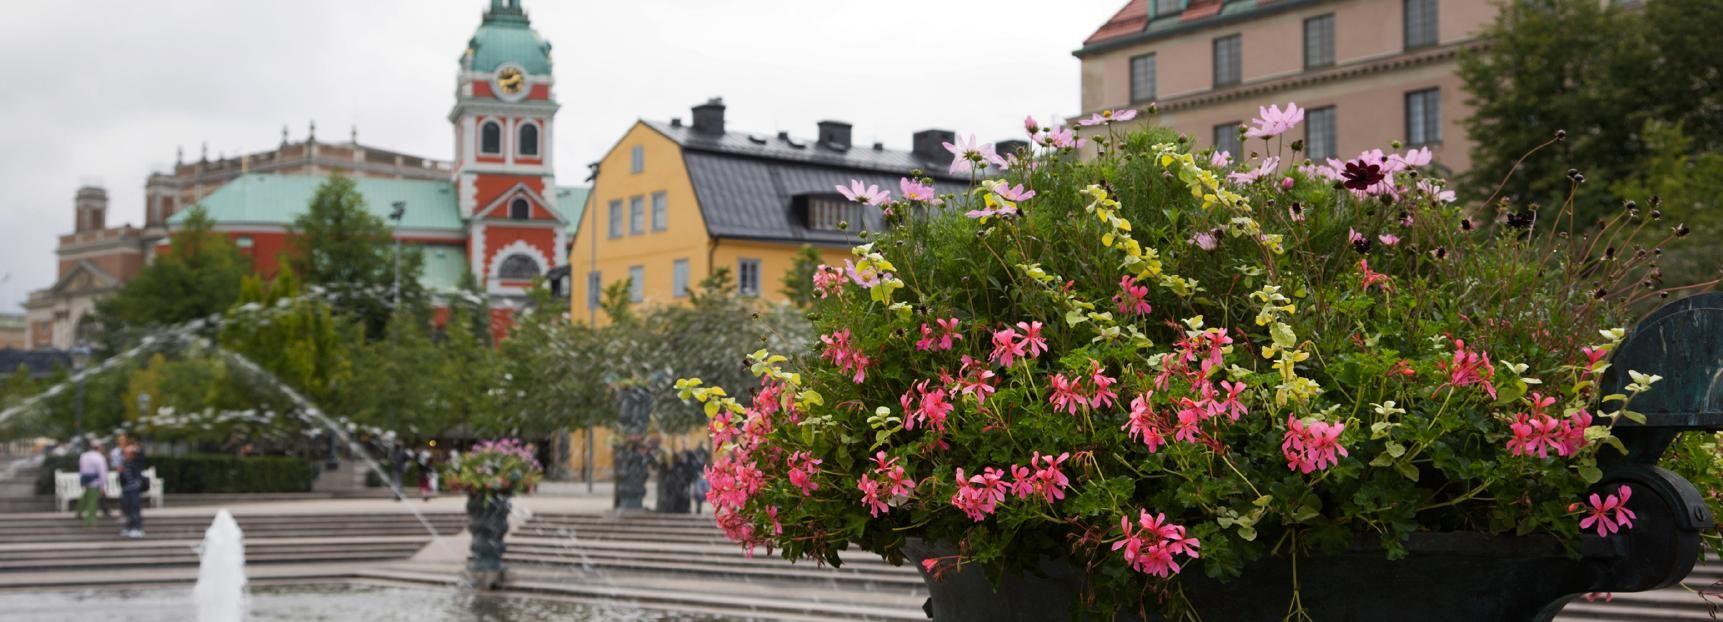 Sindrome di Stoccolma: tour a piedi privato